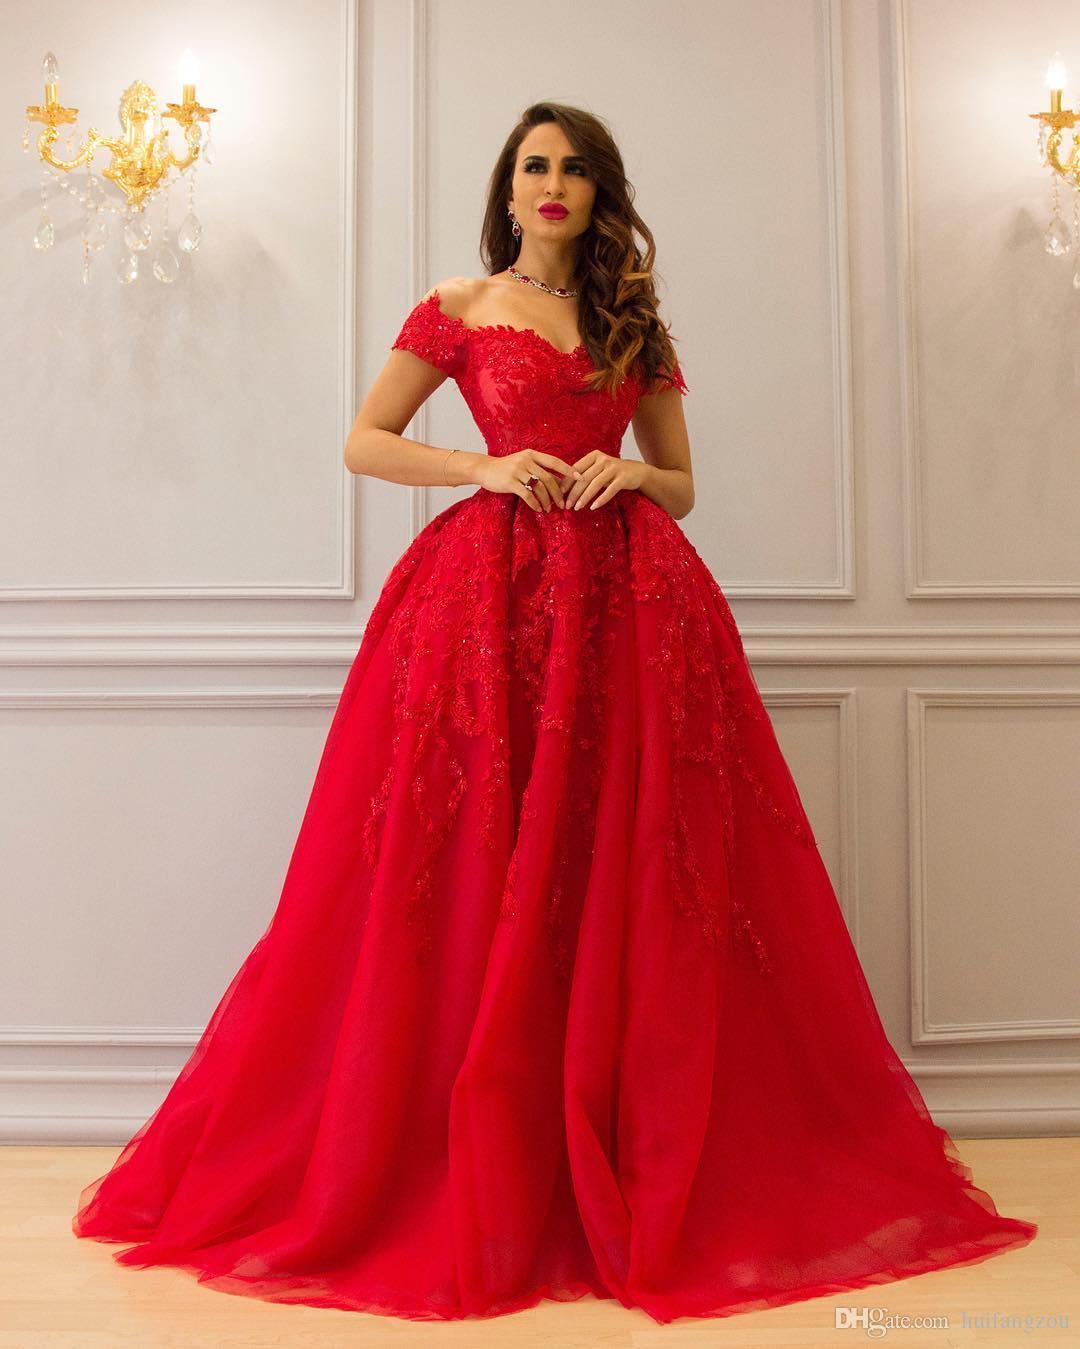 Großhandel 16 Rotes Ballkleid Spitze Abendkleider Applikationen Perlen  Schulterfrei Ausschnitt Abendkleid Bodenlangen Rüschen Formale Abendkleider